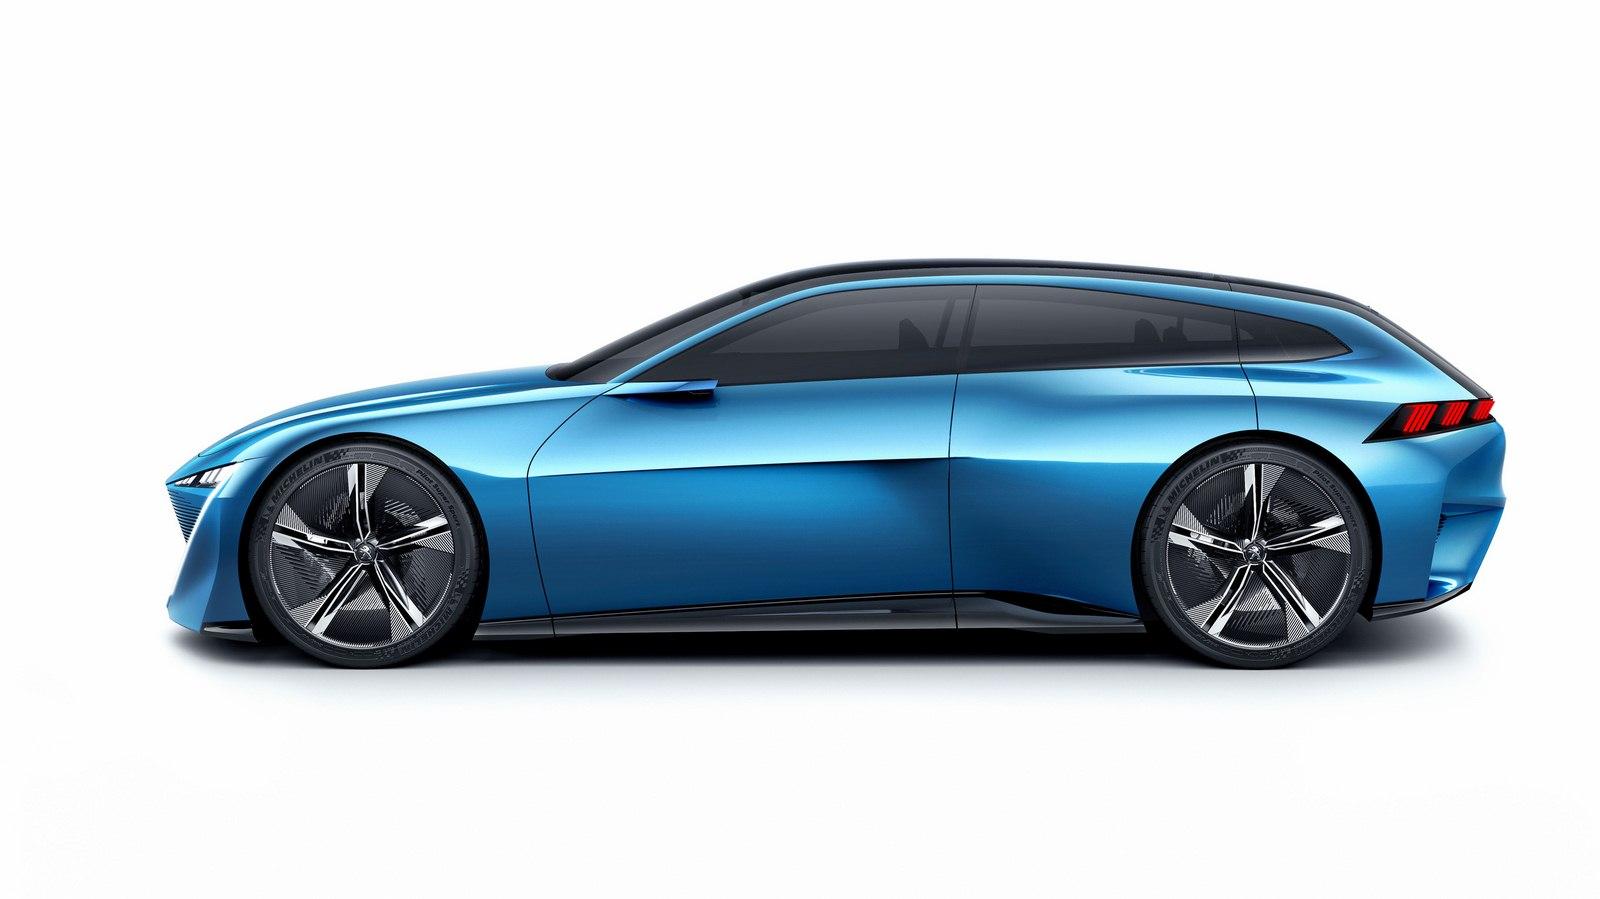 2017-Peugeot-Instinct-Concept-02-white-bg